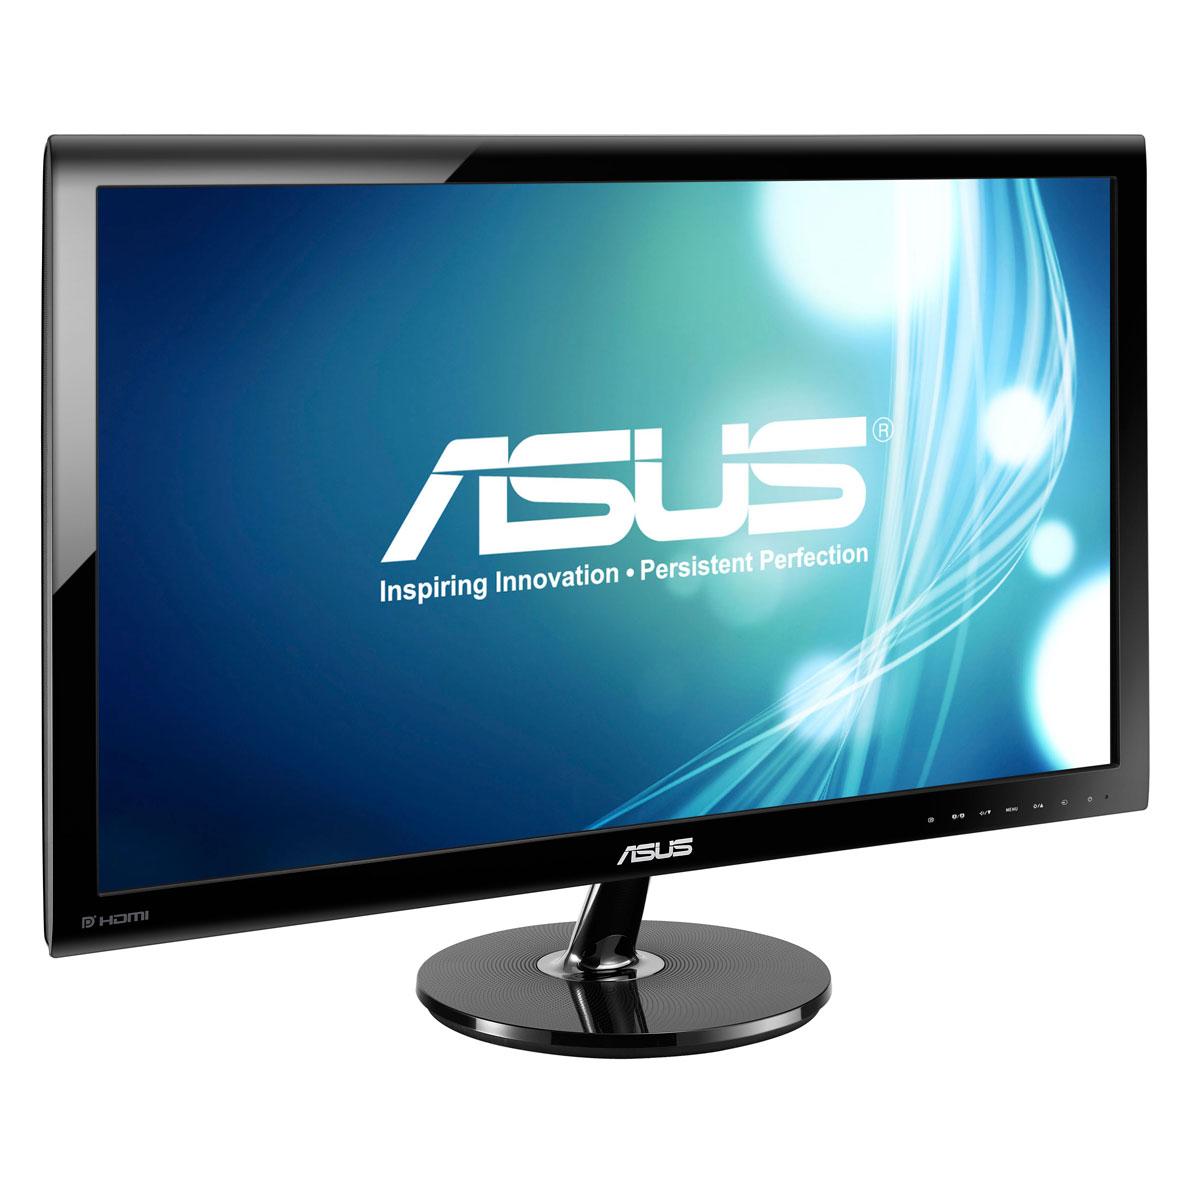 """Ecran PC ASUS 27"""" LED - VS278Q 1920 x 1080 pixels - 1 ms (gris à gris) - Format large 16/9 - 2x HDMI - DisplayPort (garantie constructeur 3 ans)"""